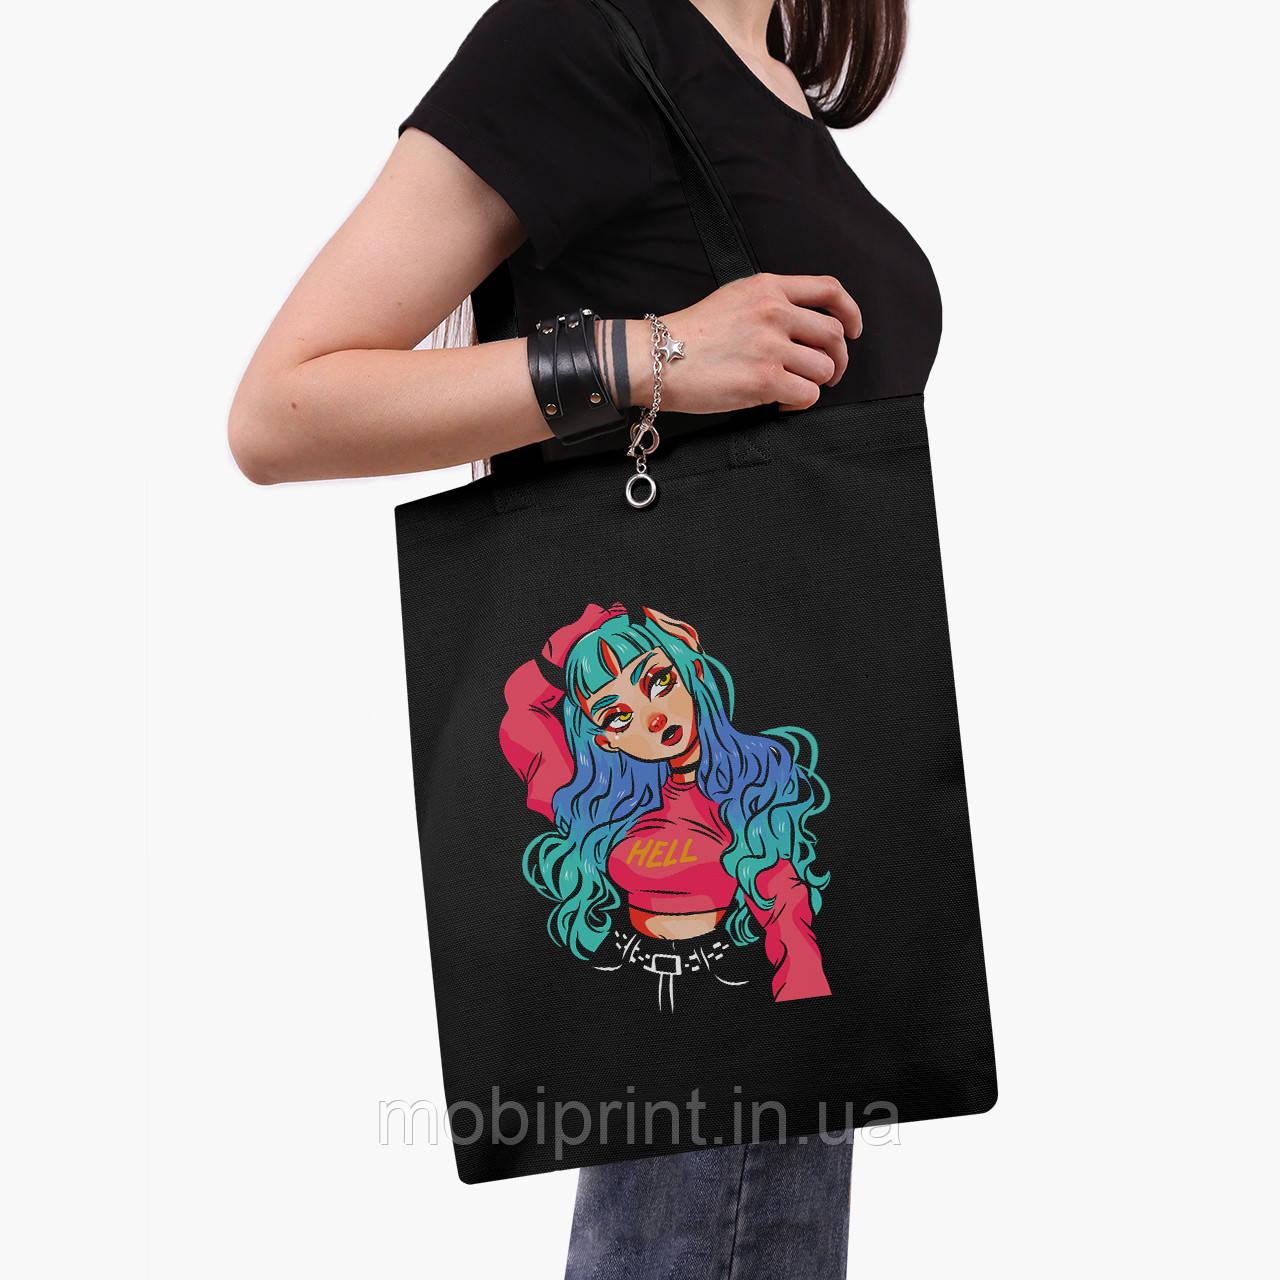 Еко сумка шоппер чорна Дівчина демон (Cute Girl Illustration Art) (9227-2838-2) 41*35 см